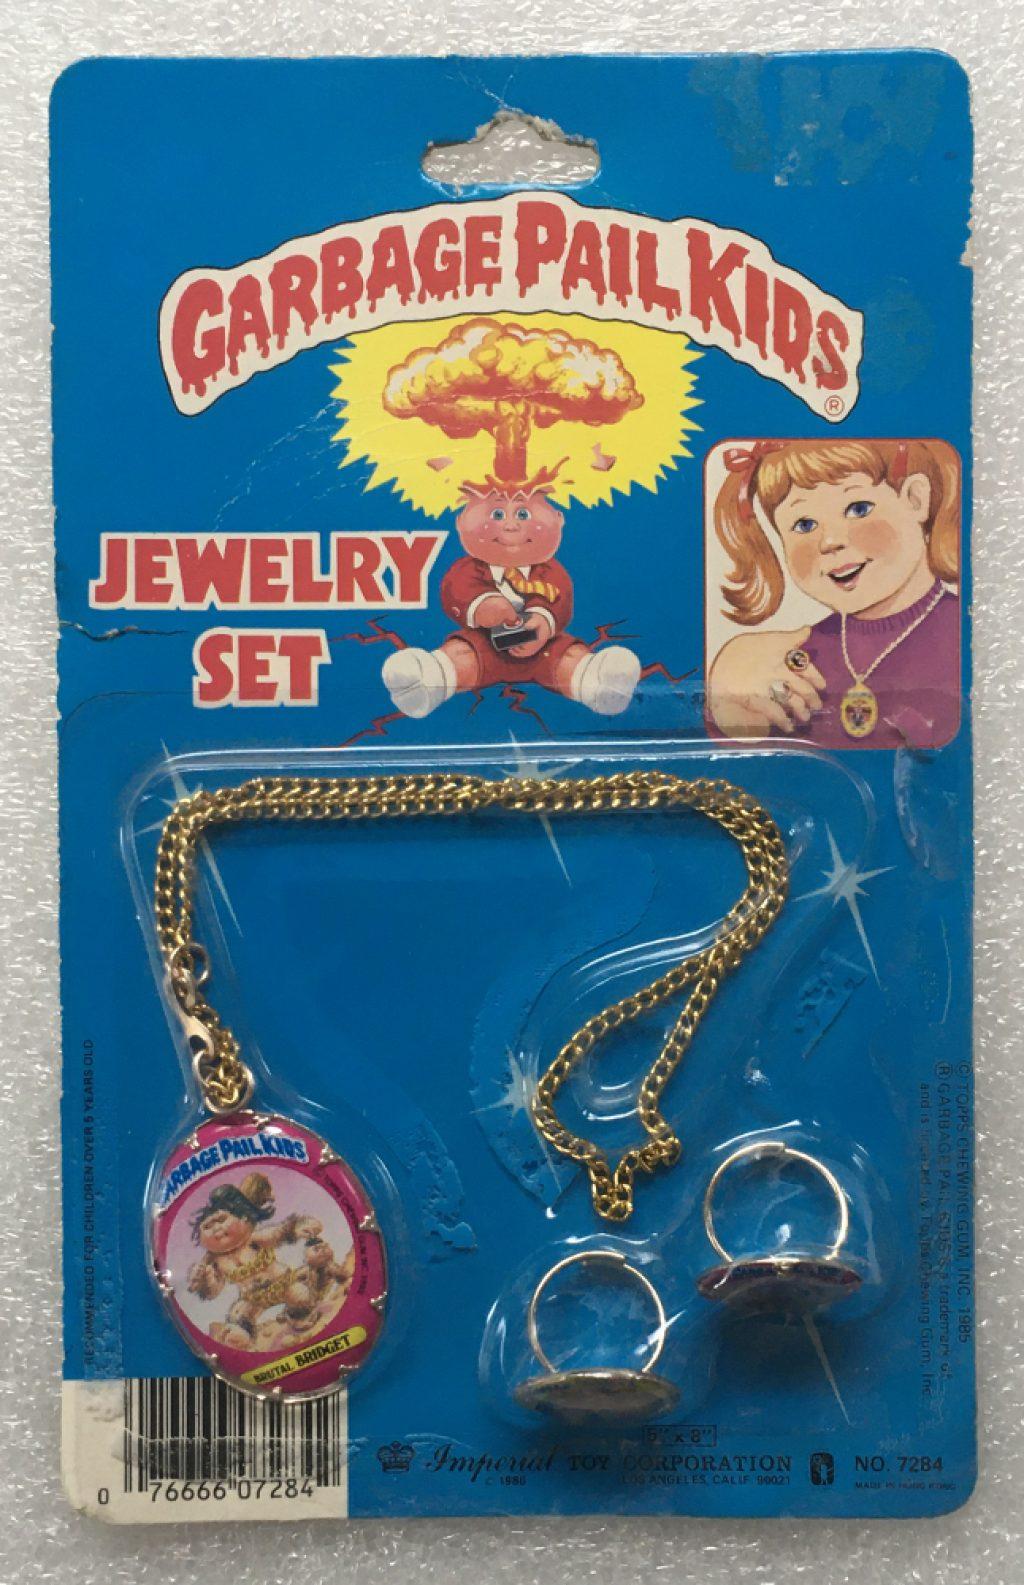 1985 Garbage Pail Kids Jewelry Set - Frigid Bridget, Slobby Robbie & New Wave Dave